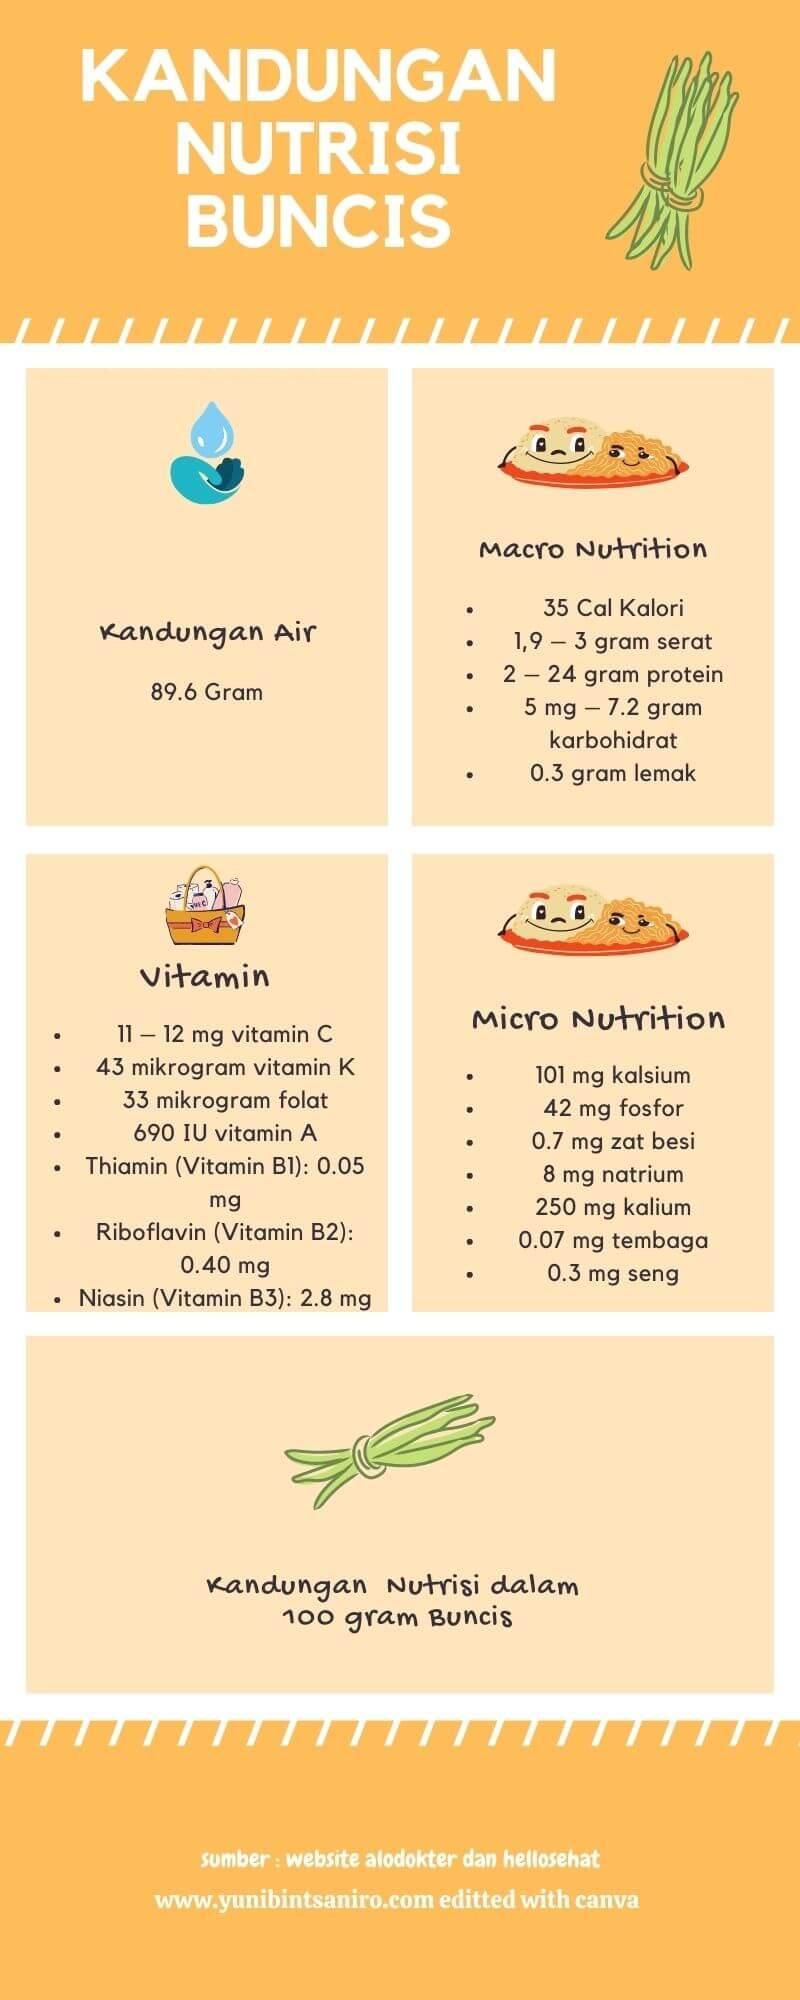 Kandungan Nutrisi Buncis